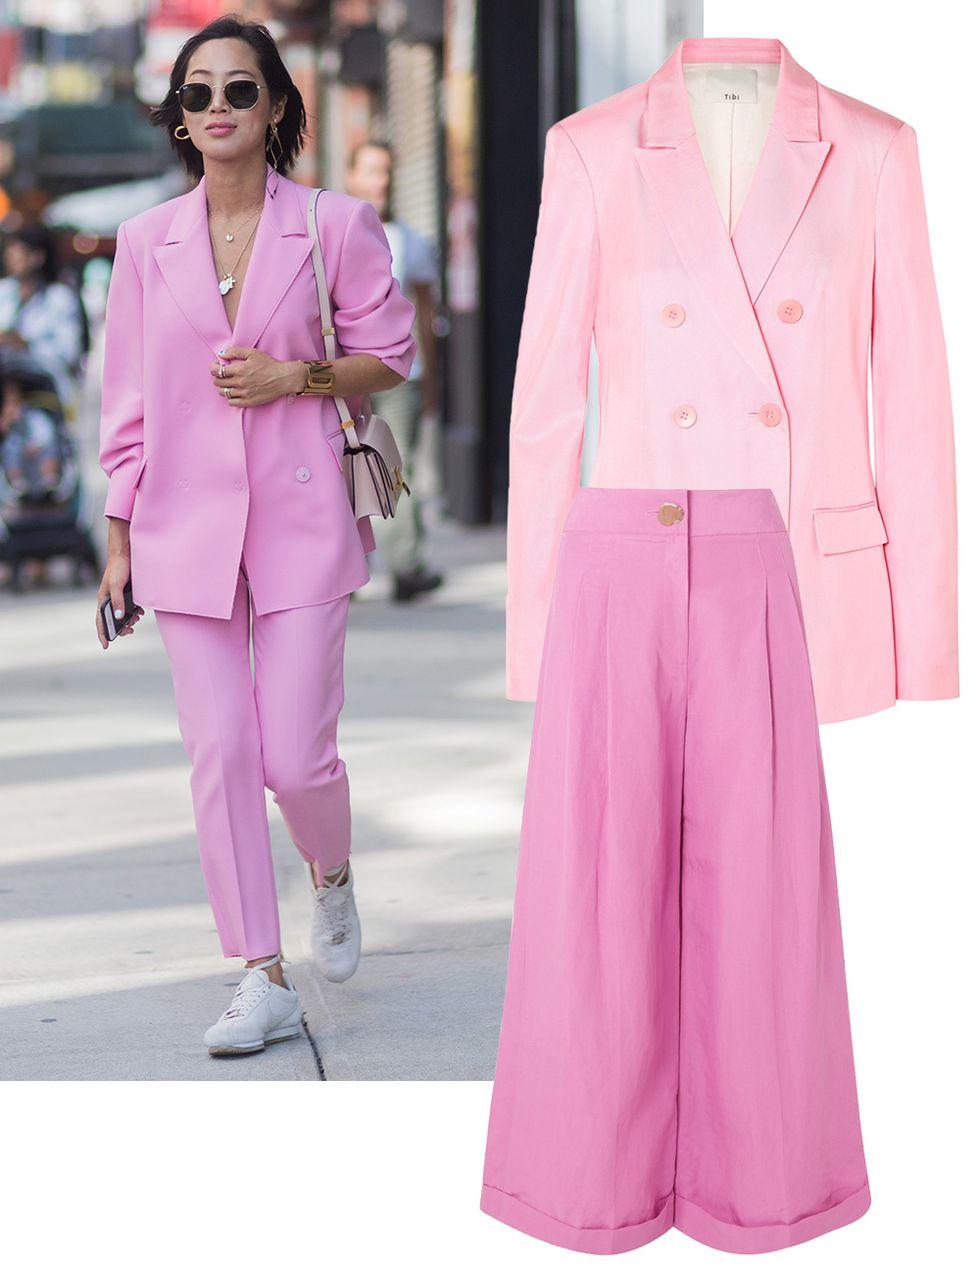 새틴 소재의 테일러드 재킷은 Tibi, 와이드 팬츠는 Rejina Pyo.